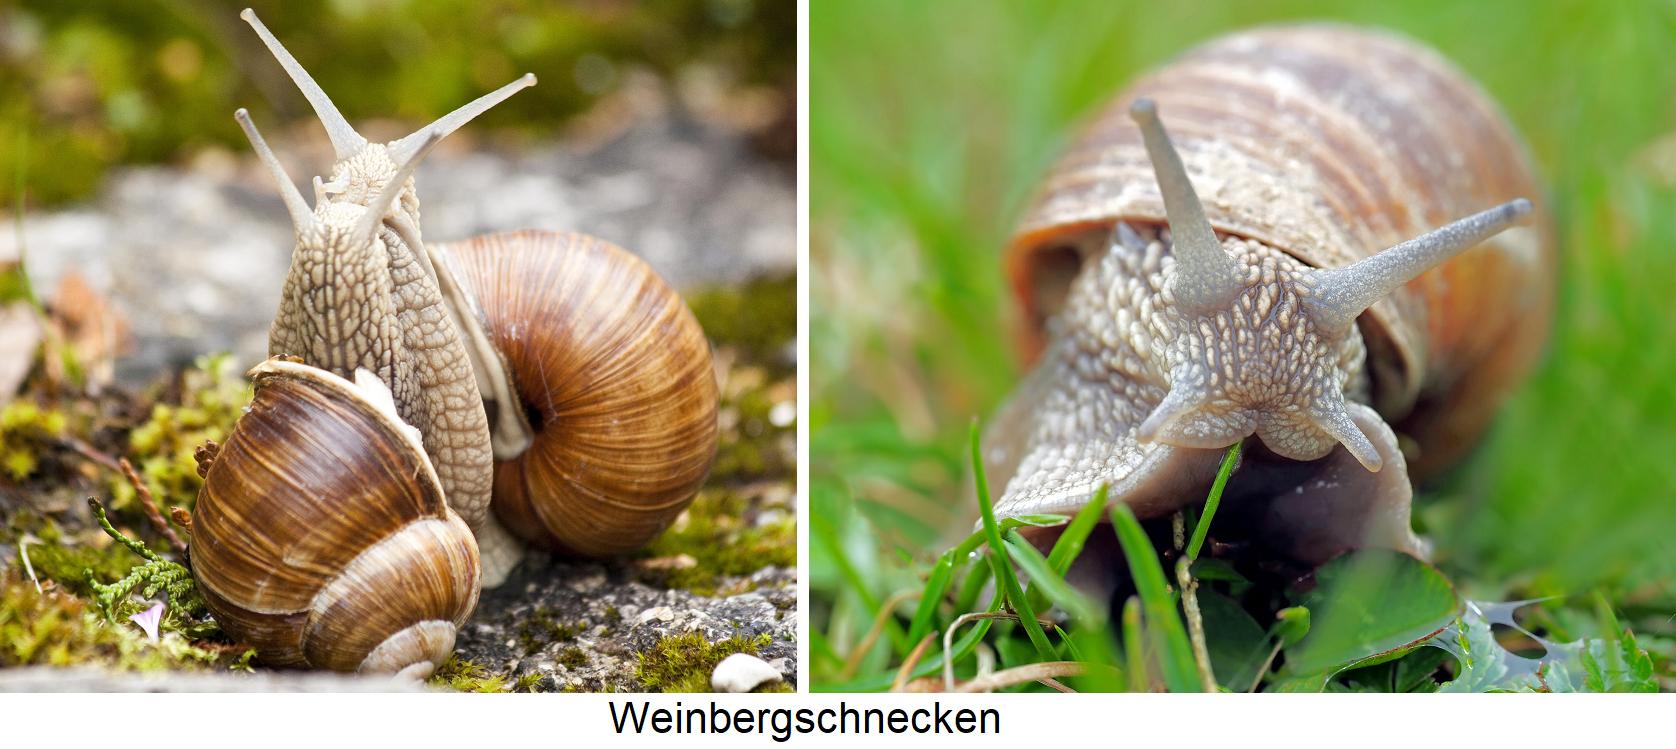 Snails - snails